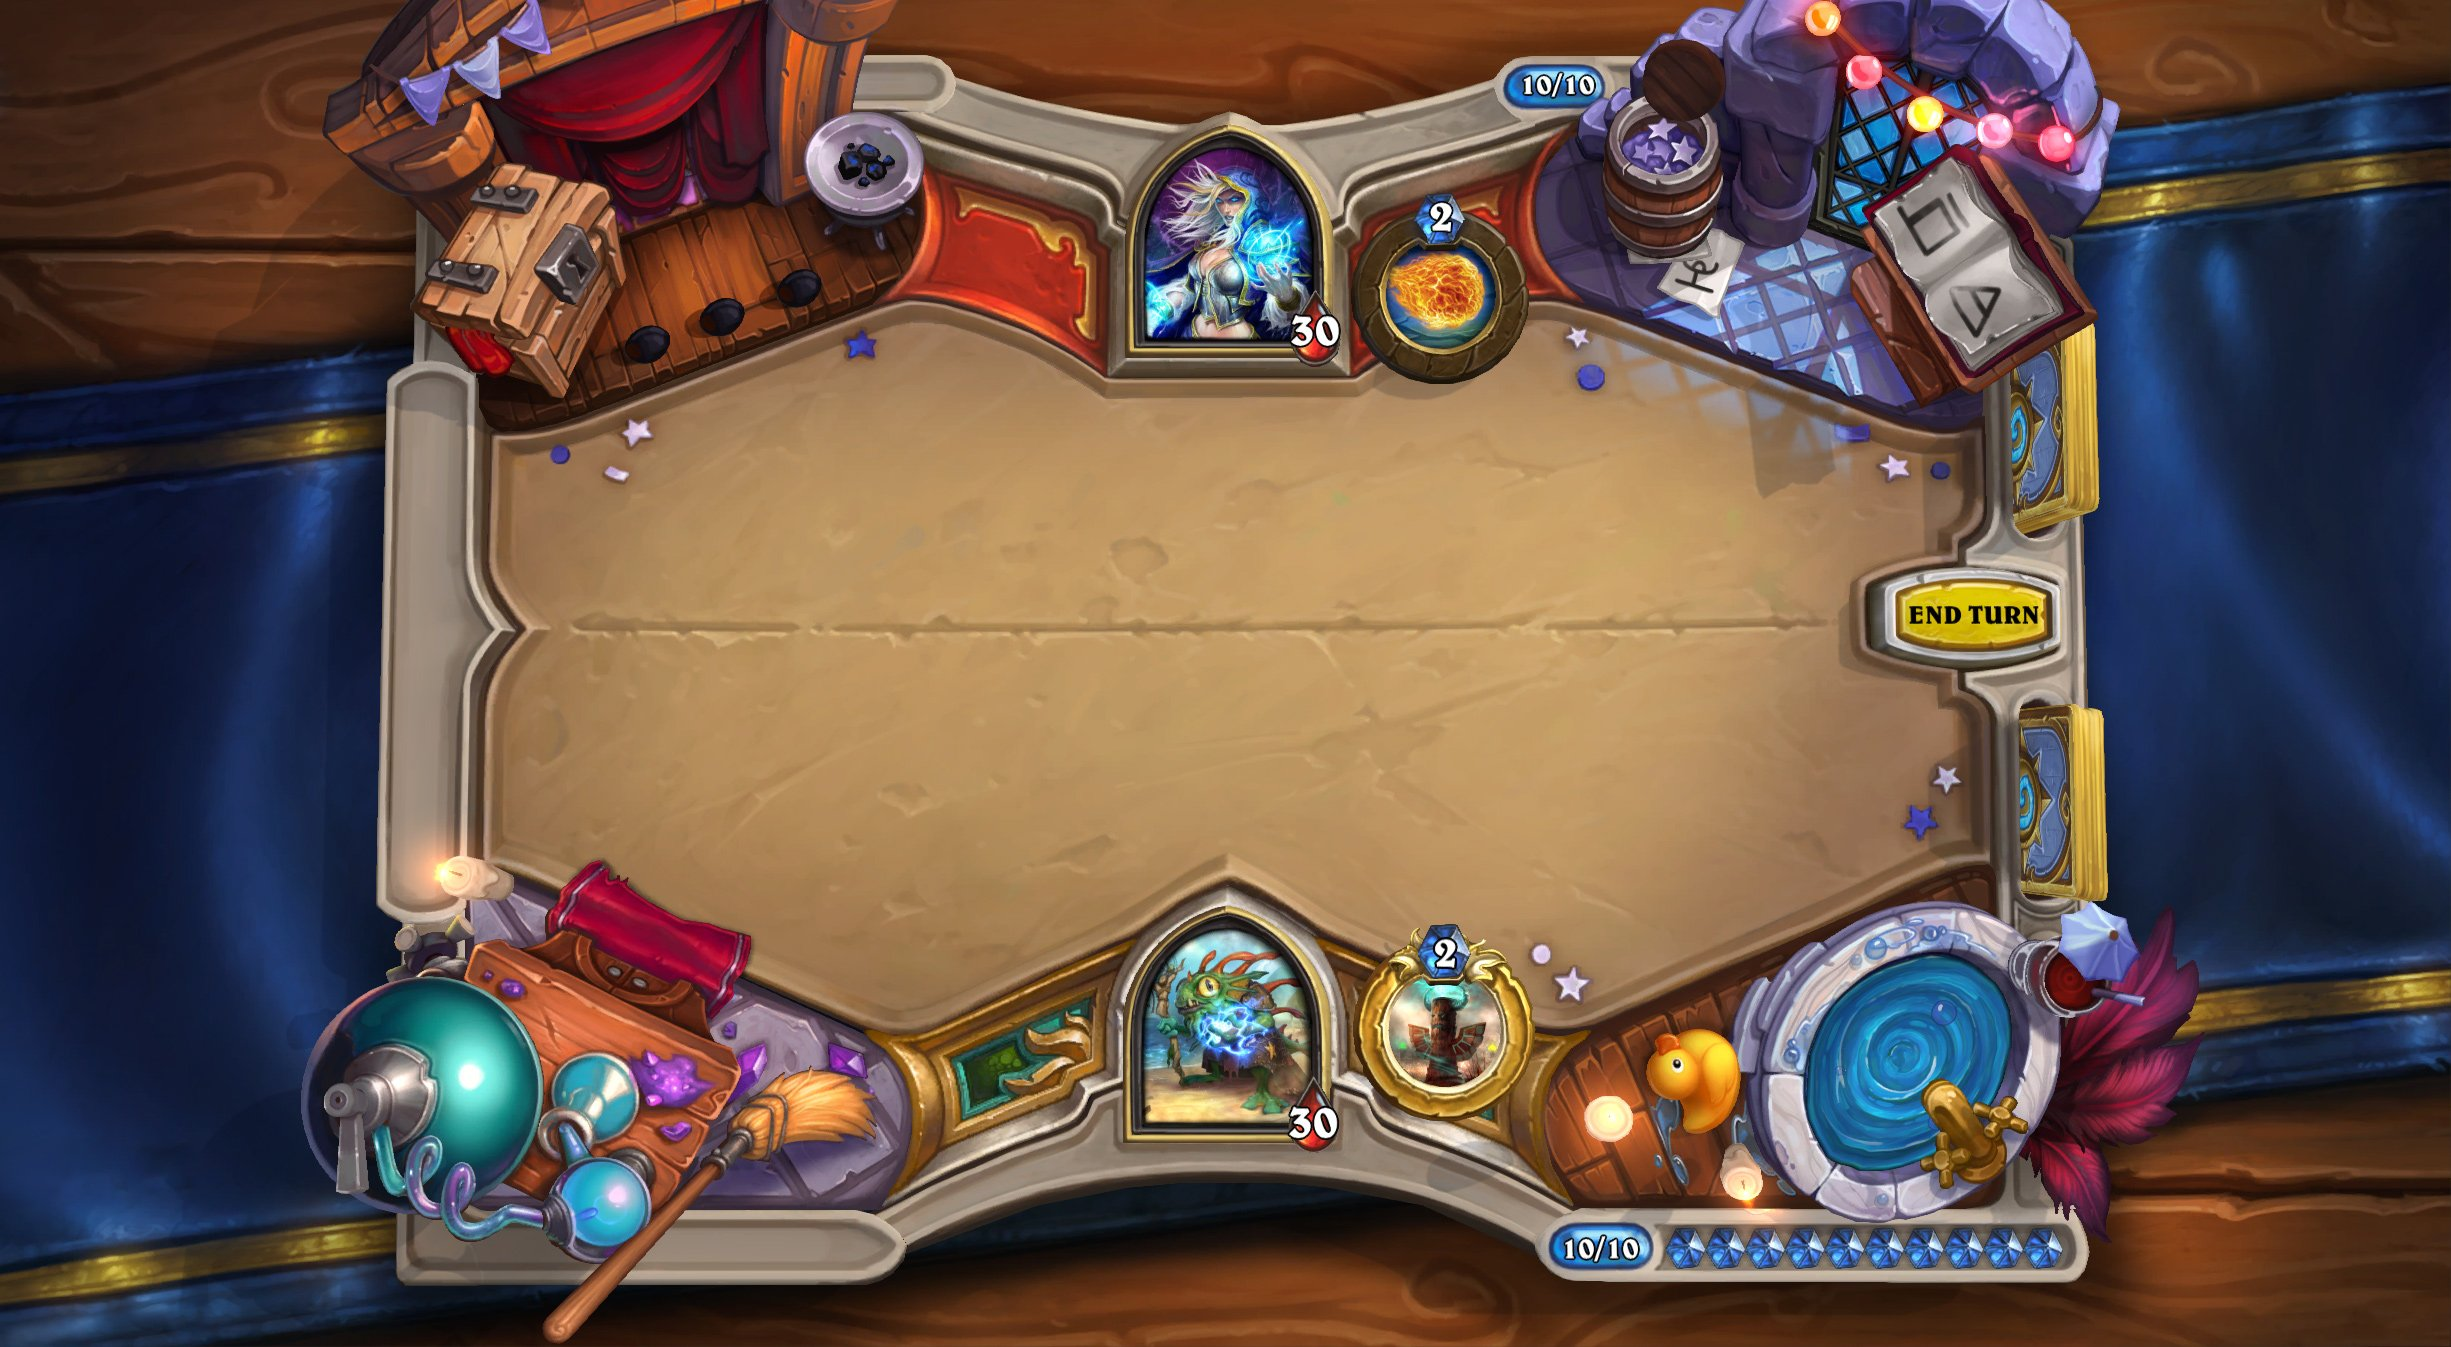 Вечеринка рандома или как Blizzard карточки делали - Изображение 3